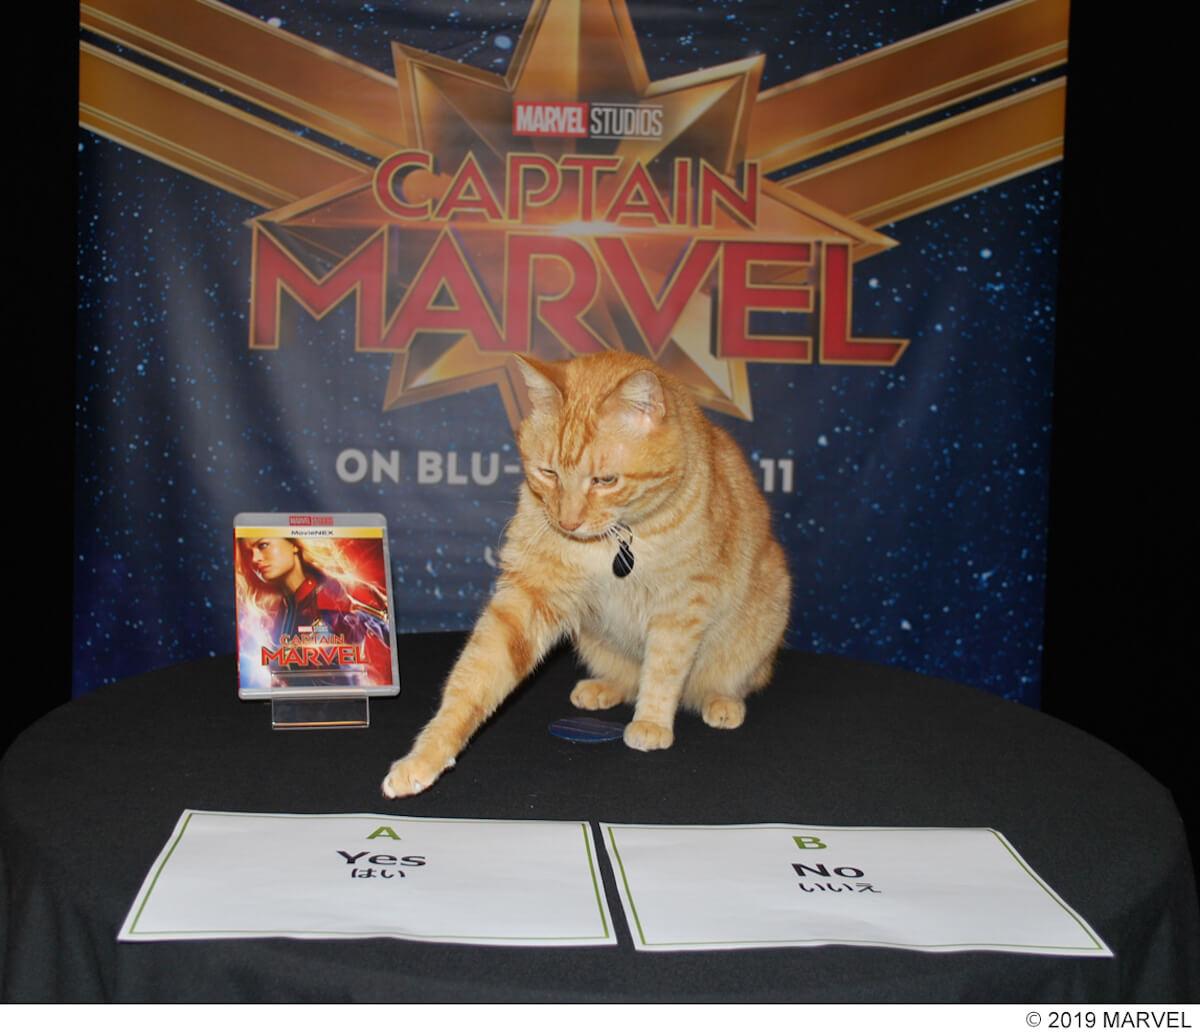 グースが好きなのはニック・フューリー!?『キャプテン・マーベル』の大人気ネコ、レジーのインタビュー映像が解禁 video190620_captainmarvel_reggie_1